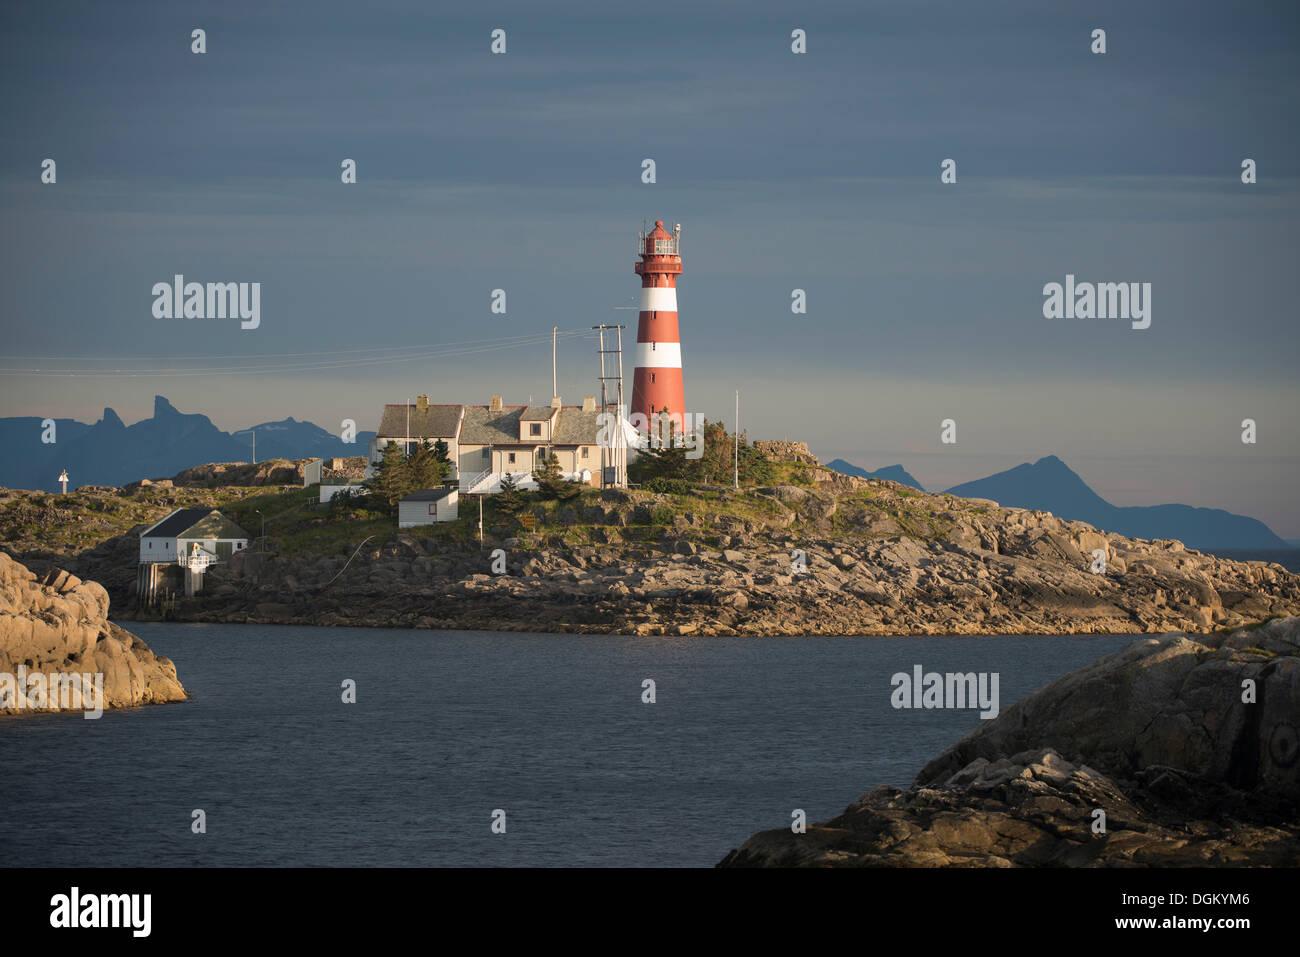 Faro y edificios en la luz del atardecer, Ort und Inselgruppe Skrova, Gemeinde Vågan, Inselgruppe Lofoten, Nordland Imagen De Stock